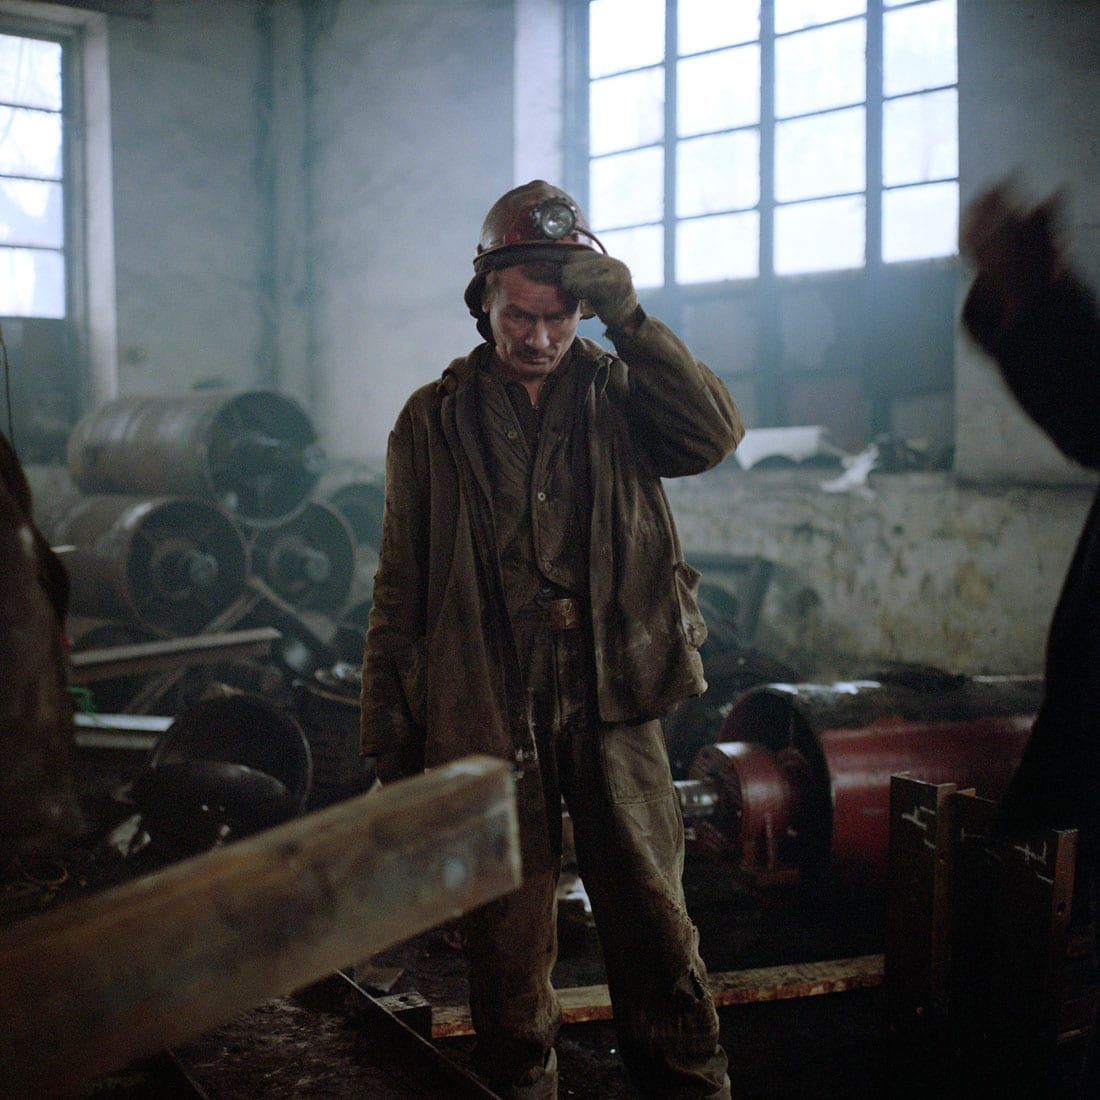 Oekraine, Donetsk, 30-11-2007 De Kujbyshevskaya mijn in het Azotny district in het westen van Donetsk. In de werkplaats worden metalen constructie's gelast. PHOTO AND COPYRIGHT ROGER CREMERS